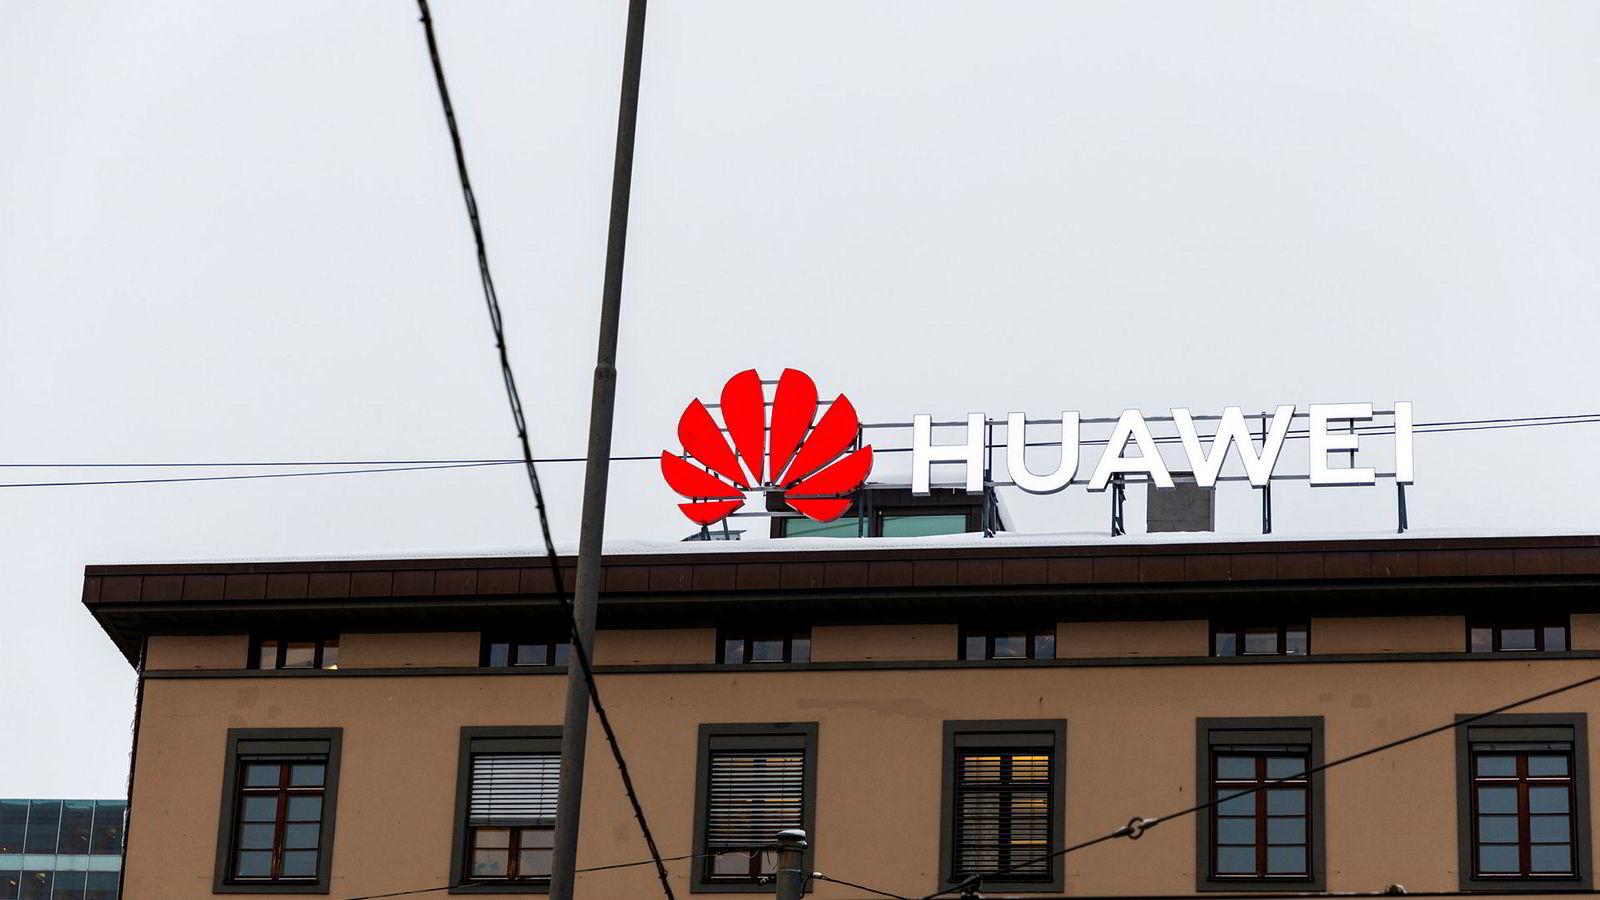 Illustrasjonsbilde: Huawei-reklame i Majorstukrysset.